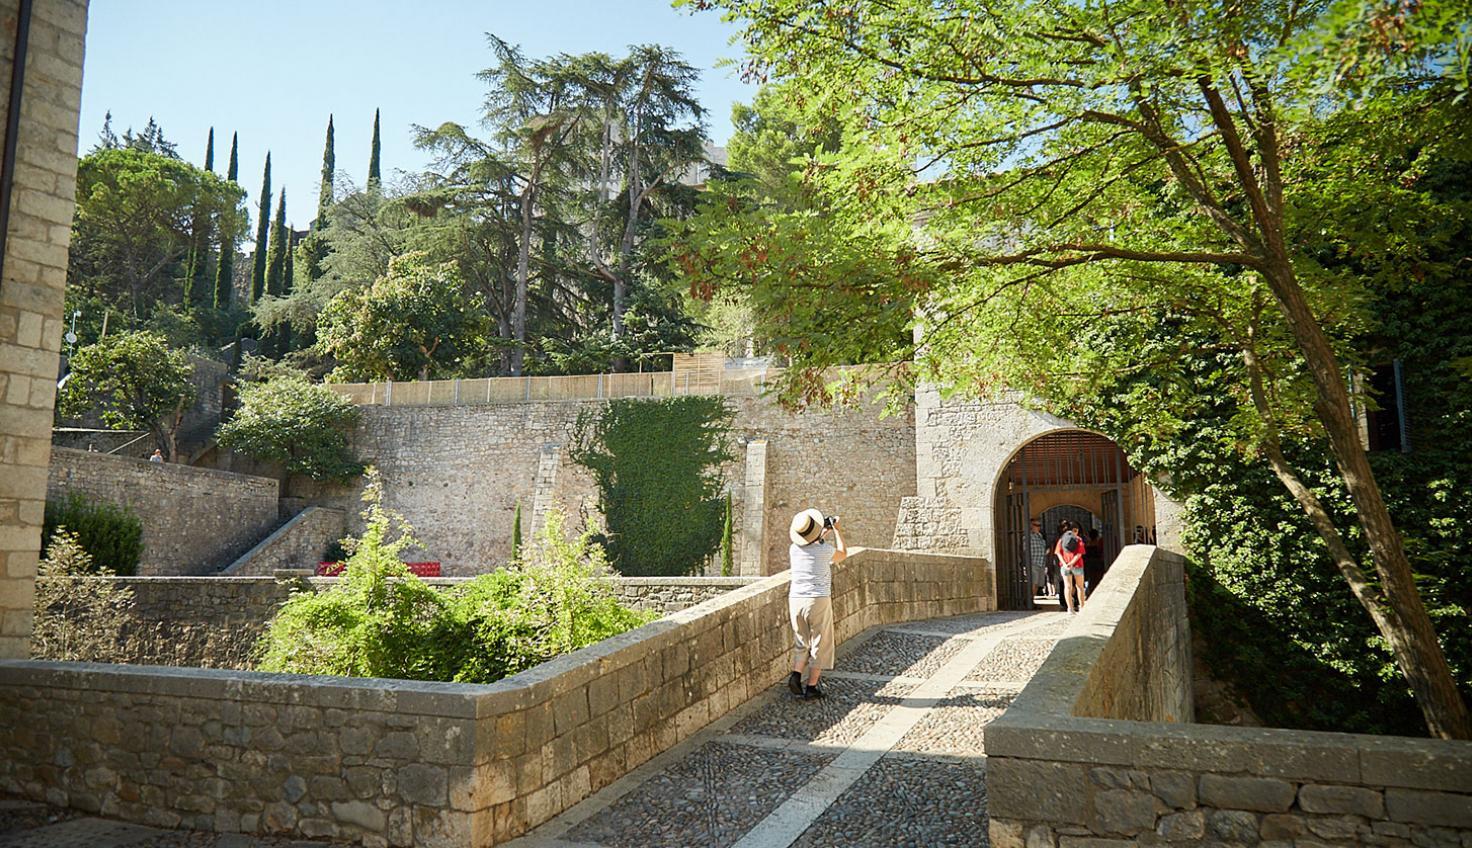 Photo Dalí's Girona